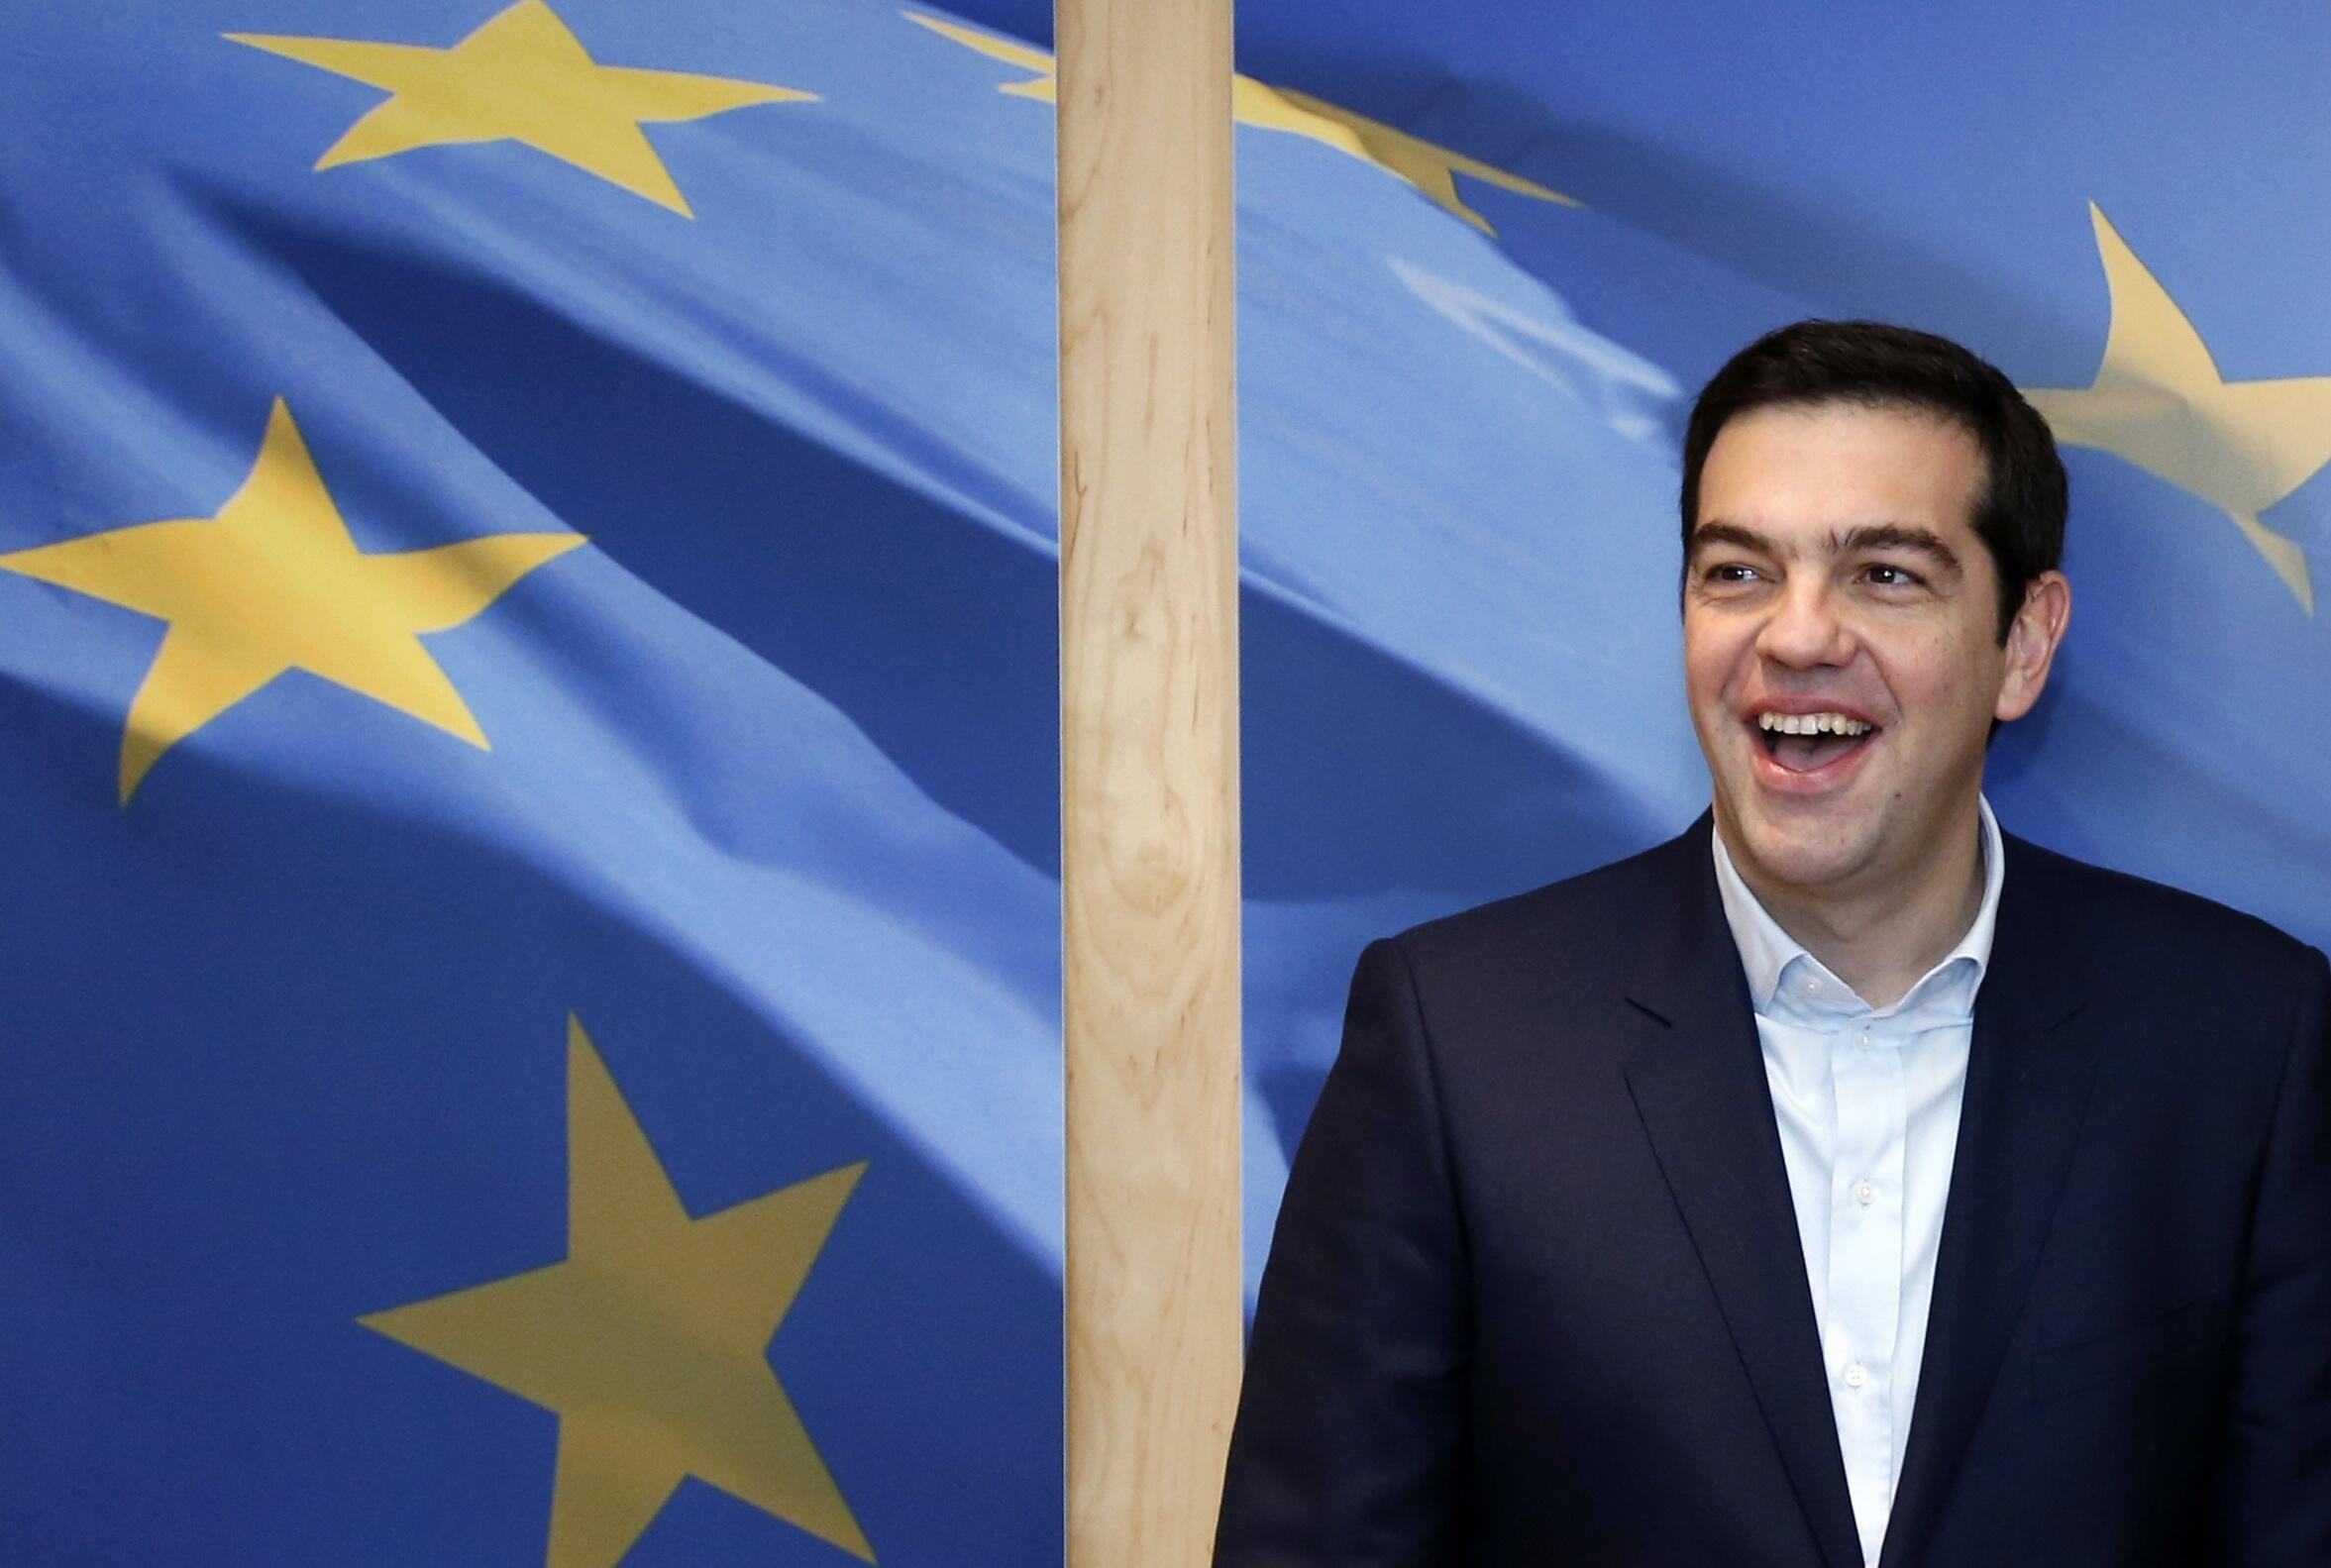 O premiê grego de extrema-esquerda, Alexis Tsipras, visitou hoje a sede da Comissão Europeia, em Bruxelas, para discutir o futuro econômico da Grécia na zona do euro.